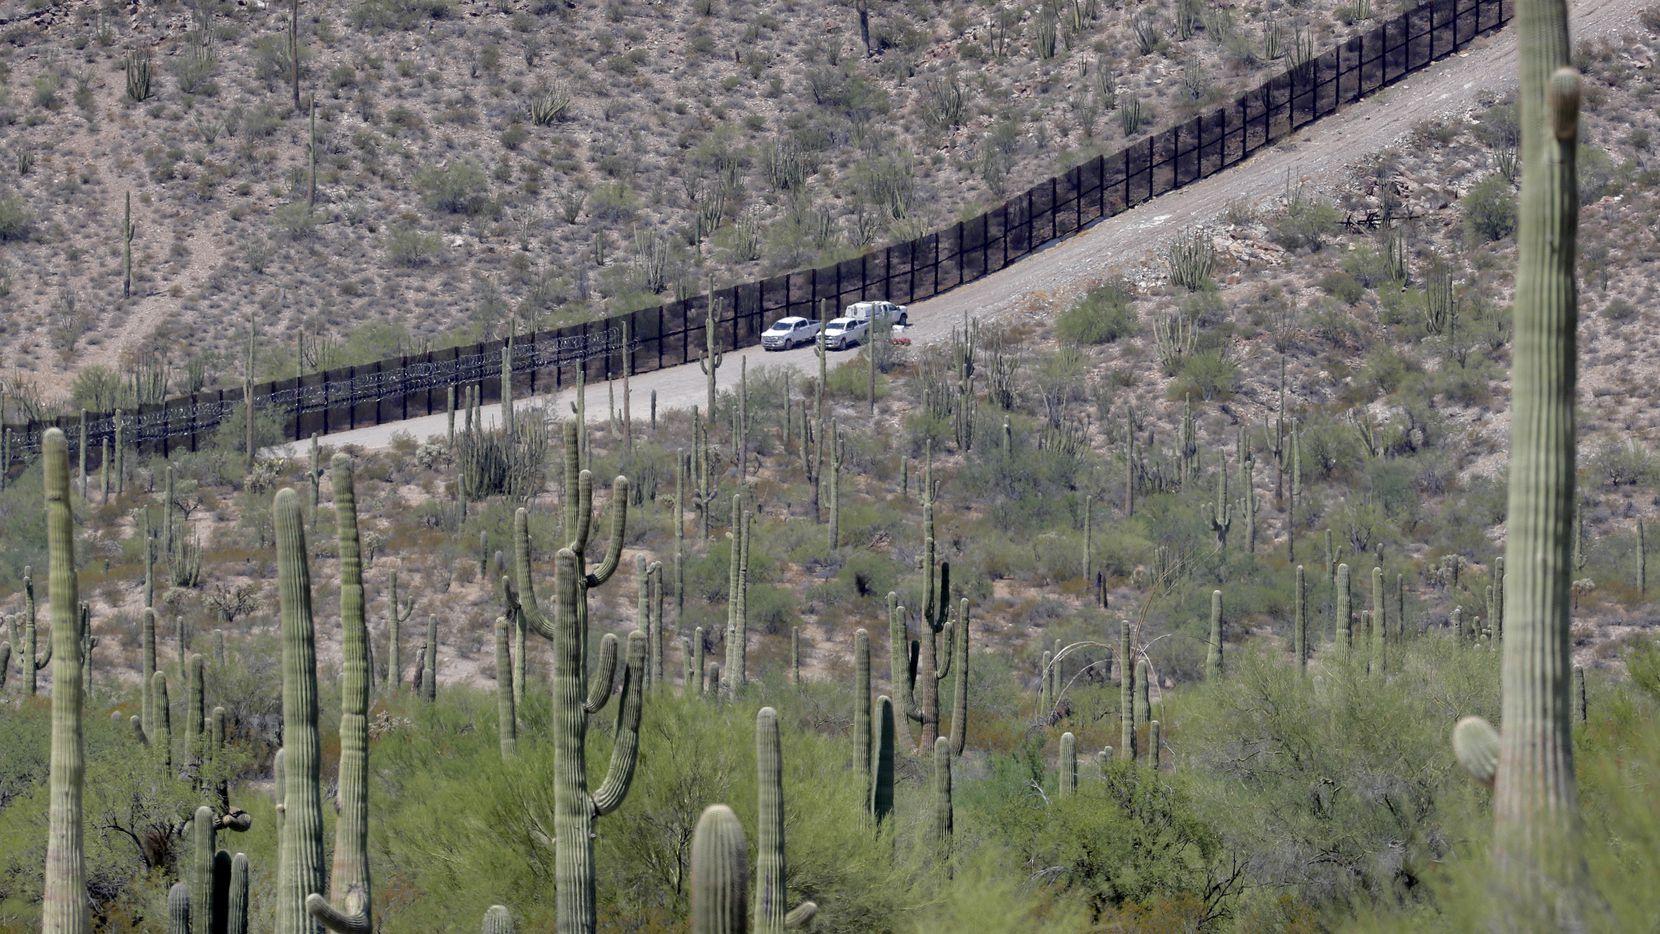 Una sección de la valla metálica en la frontera entre Arizona y Sonora, México.